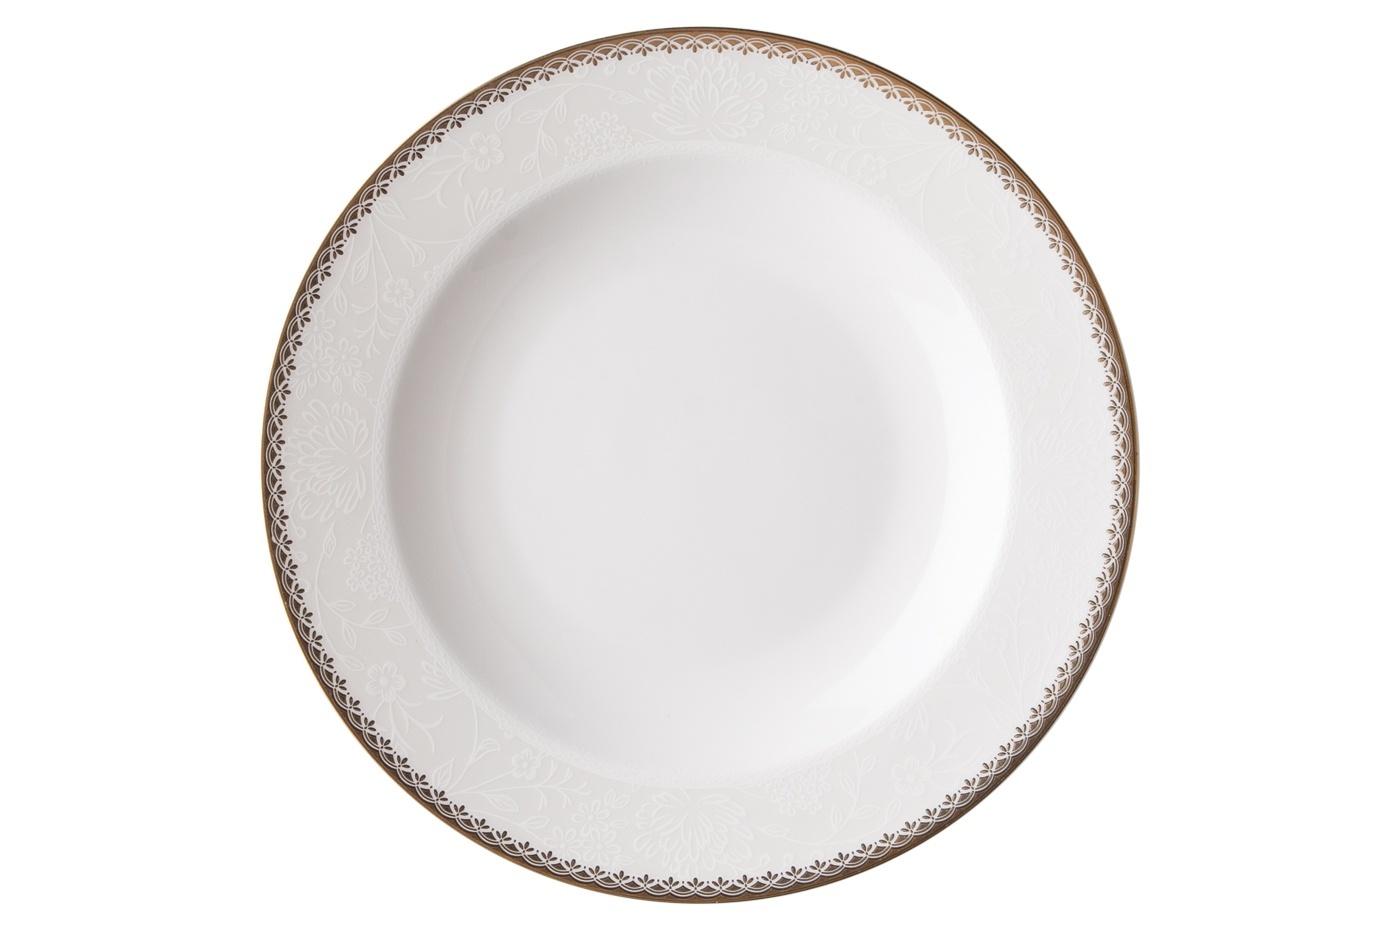 Набор из 6 тарелок Royal Aurel Флора (20см) арт.538Наборы тарелок<br>Набор из 6 тарелок Royal Aurel Флора (20см) арт.538<br>Производить посуду из фарфора начали в Китае на стыке 6-7 веков. Неустанно совершенствуя и селективно отбирая сырье для производства посуды из фарфора, мастерам удалось добиться выдающихся характеристик фарфора: белизны и тонкостенности. В XV веке появился особый интерес к китайской фарфоровой посуде, так как в это время Европе возникла мода на самобытные китайские вещи. Роскошный китайский фарфор являлся изыском и был в новинку, поэтому он выступал в качестве подарка королям, а также знатным людям. Такой дорогой подарок был очень престижен и по праву являлся элитной посудой. Как известно из многочисленных исторических документов, в Европе китайские изделия из фарфора ценились практически как золото. <br>Проверка изделий из костяного фарфора на подлинность <br>По сравнению с производством других видов фарфора процесс производства изделий из настоящего костяного фарфора сложен и весьма длителен. Посуда из изящного фарфора - это элитная посуда, которая всегда ассоциируется с богатством, величием и благородством. Несмотря на небольшую толщину, фарфоровая посуда - это очень прочное изделие. Для демонстрации плотности и прочности фарфора можно легко коснуться предметов посуды из фарфора деревянной палочкой, и тогда мы услушим характерный металлический звон. В составе фарфоровой посуды присутствует костяная зола, благодаря чему она может быть намного тоньше (не более 2,5 мм) и легче твердого или мягкого фарфора. Безупречная белизна - ключевой признак отличия такого фарфора от других. Цвет обычного фарфора сероватый или ближе к голубоватому, а костяной фарфор будет всегда будет молочно-белого цвета. Характерная и немаловажная деталь - это невесомая прозрачность изделий из фарфора такая, что сквозь него проходит свет.<br>